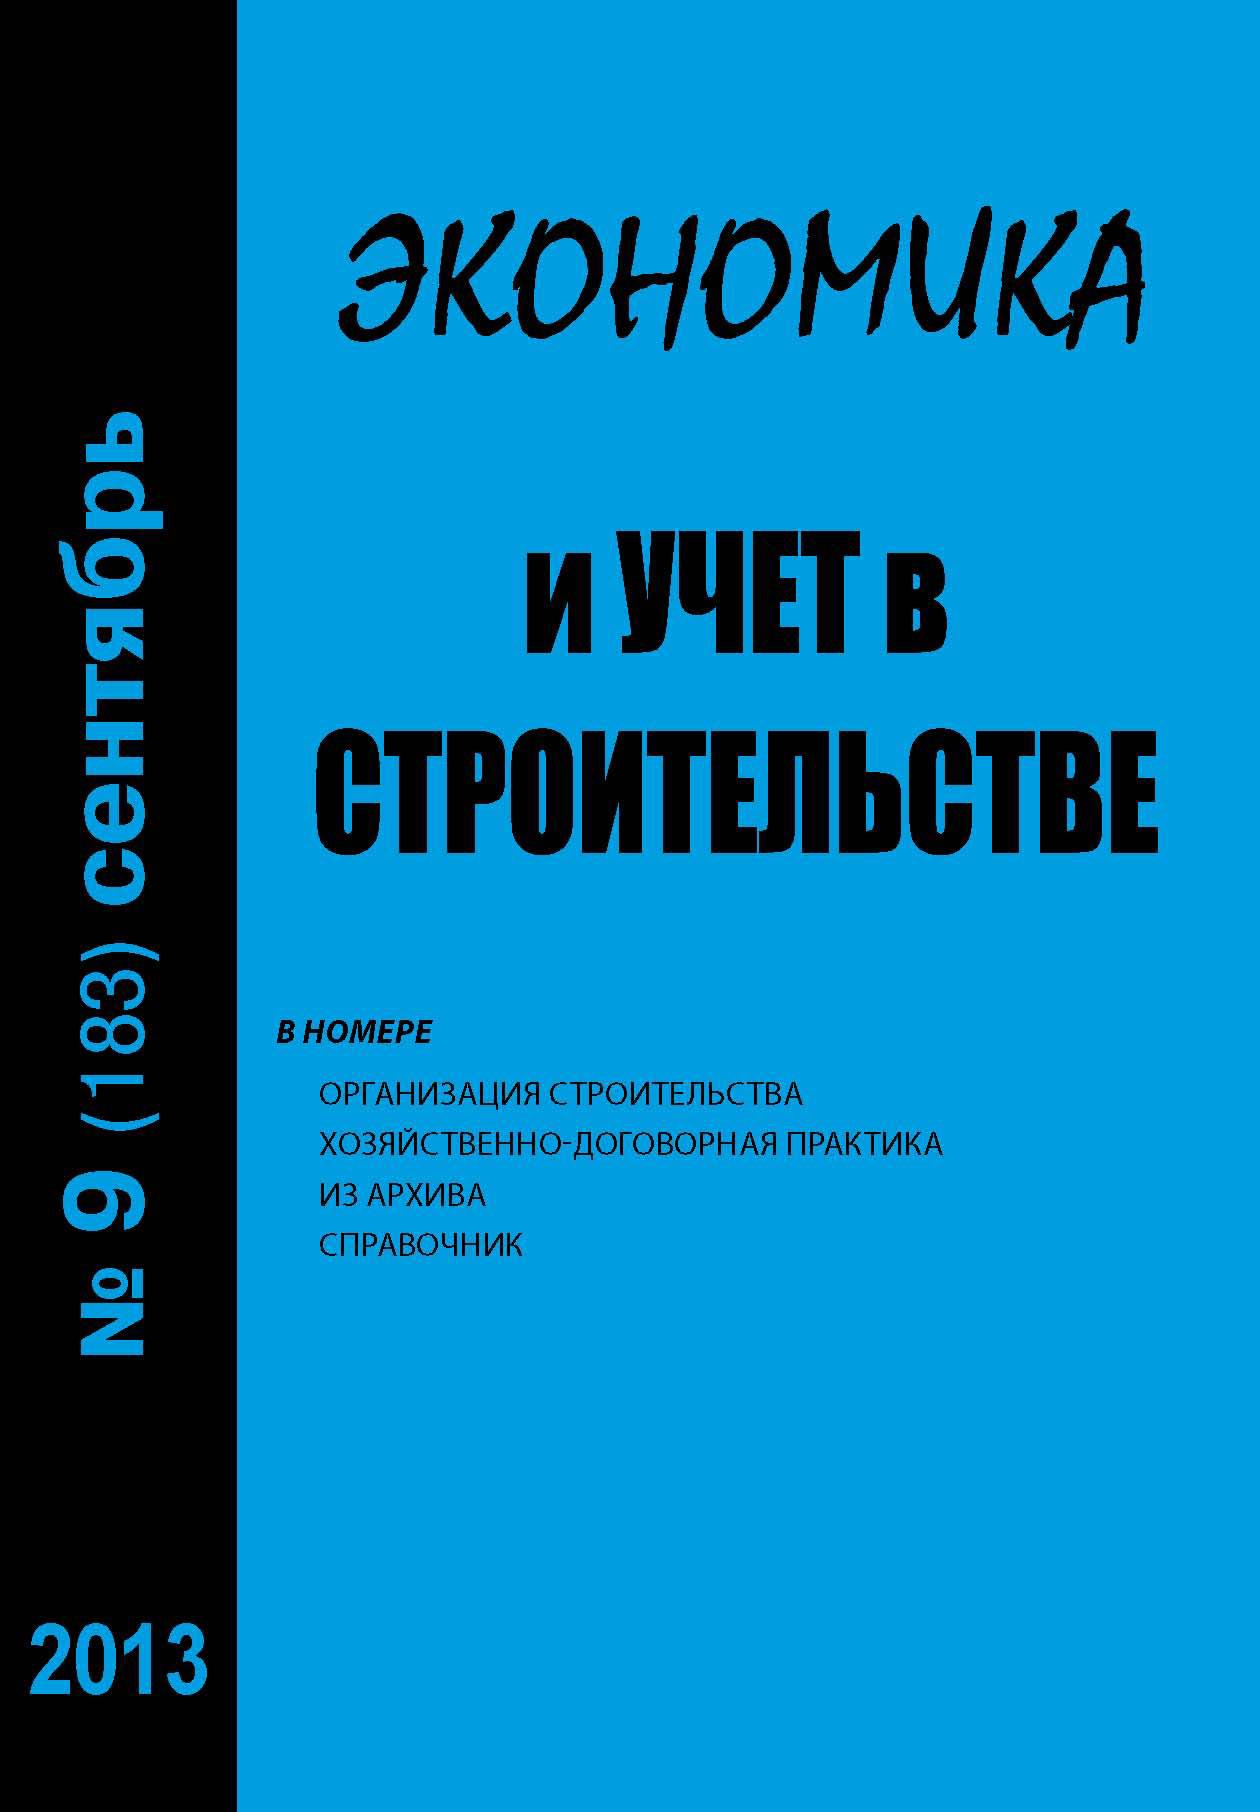 Экономика и учет в строительстве №9 (183) 2013